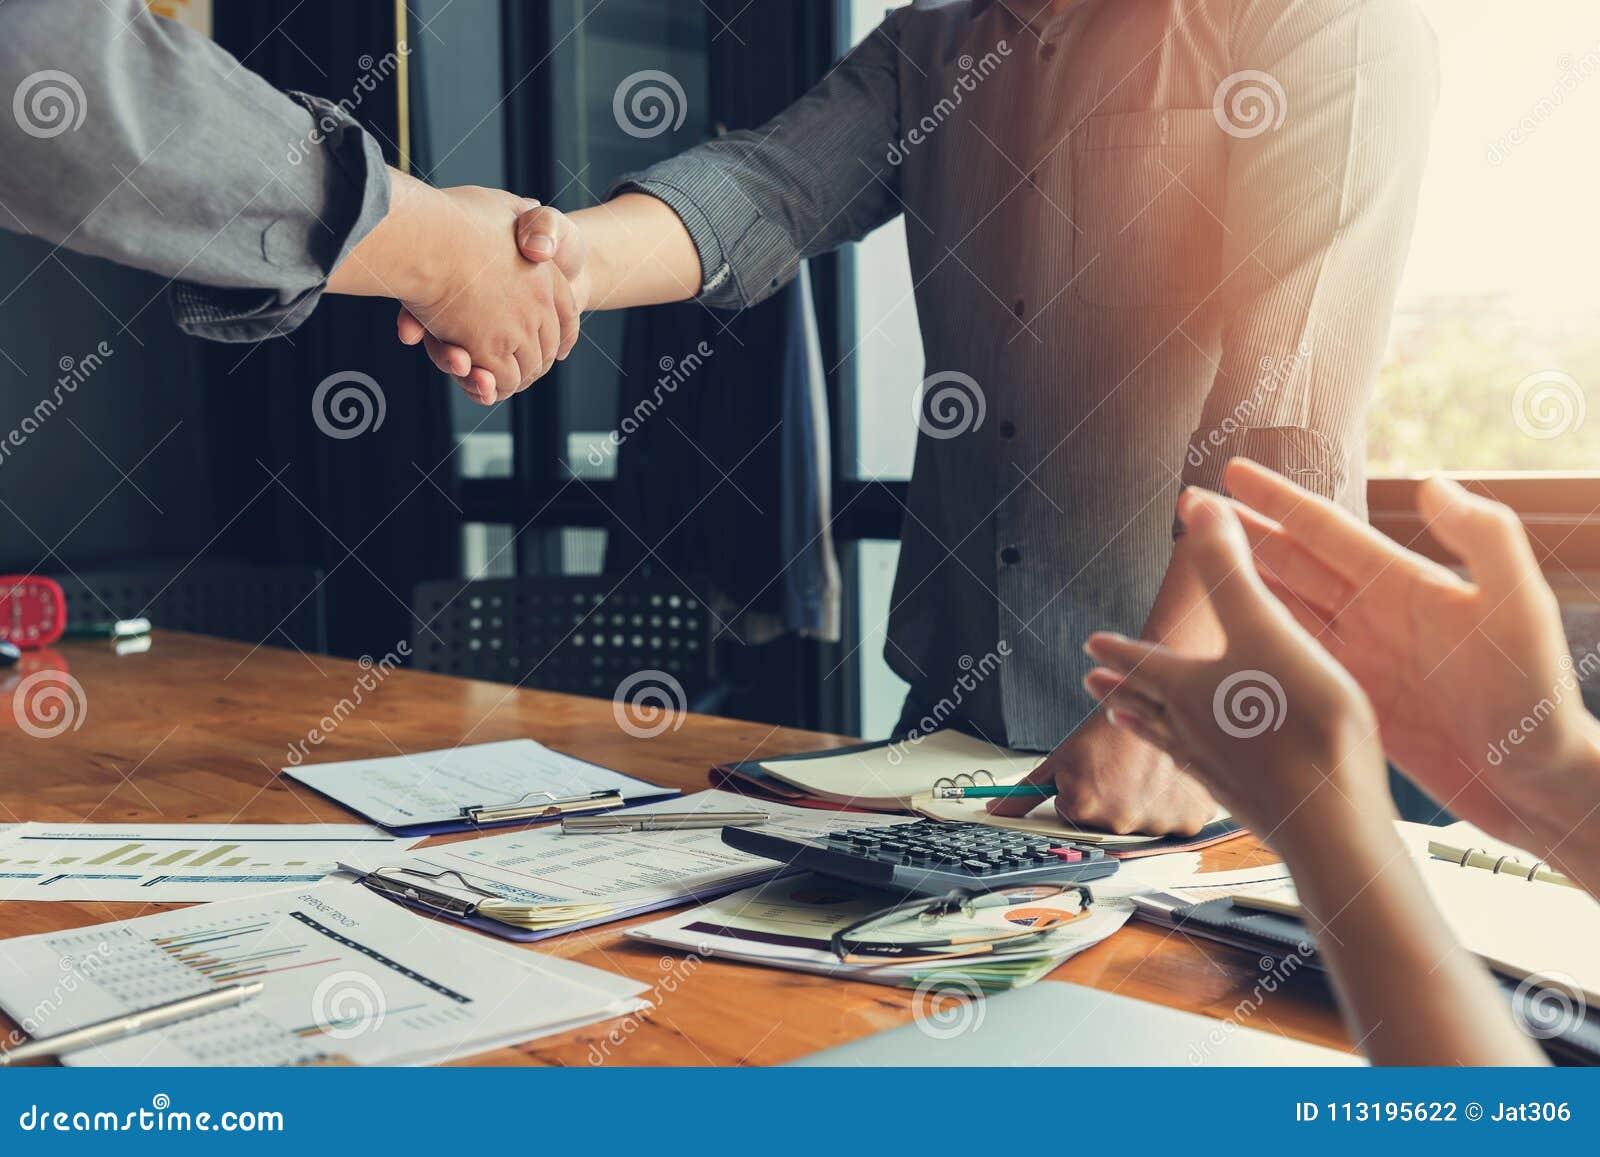 Biznesu i finanse pojęcie biurowy działanie, biznesmena chwiania ręka w pokoju konferencyjnym